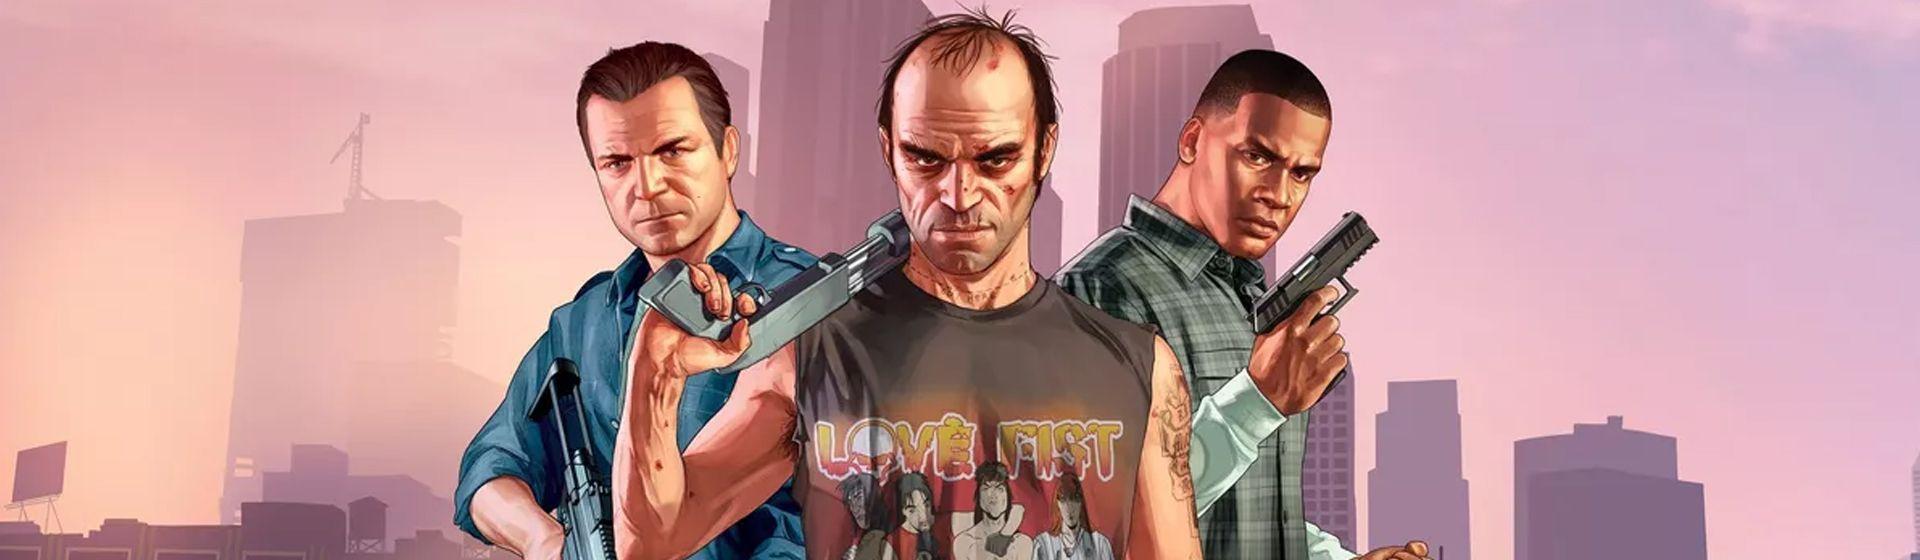 GTA 5 fica grátis no PC; veja como baixar pela Epic Games Store